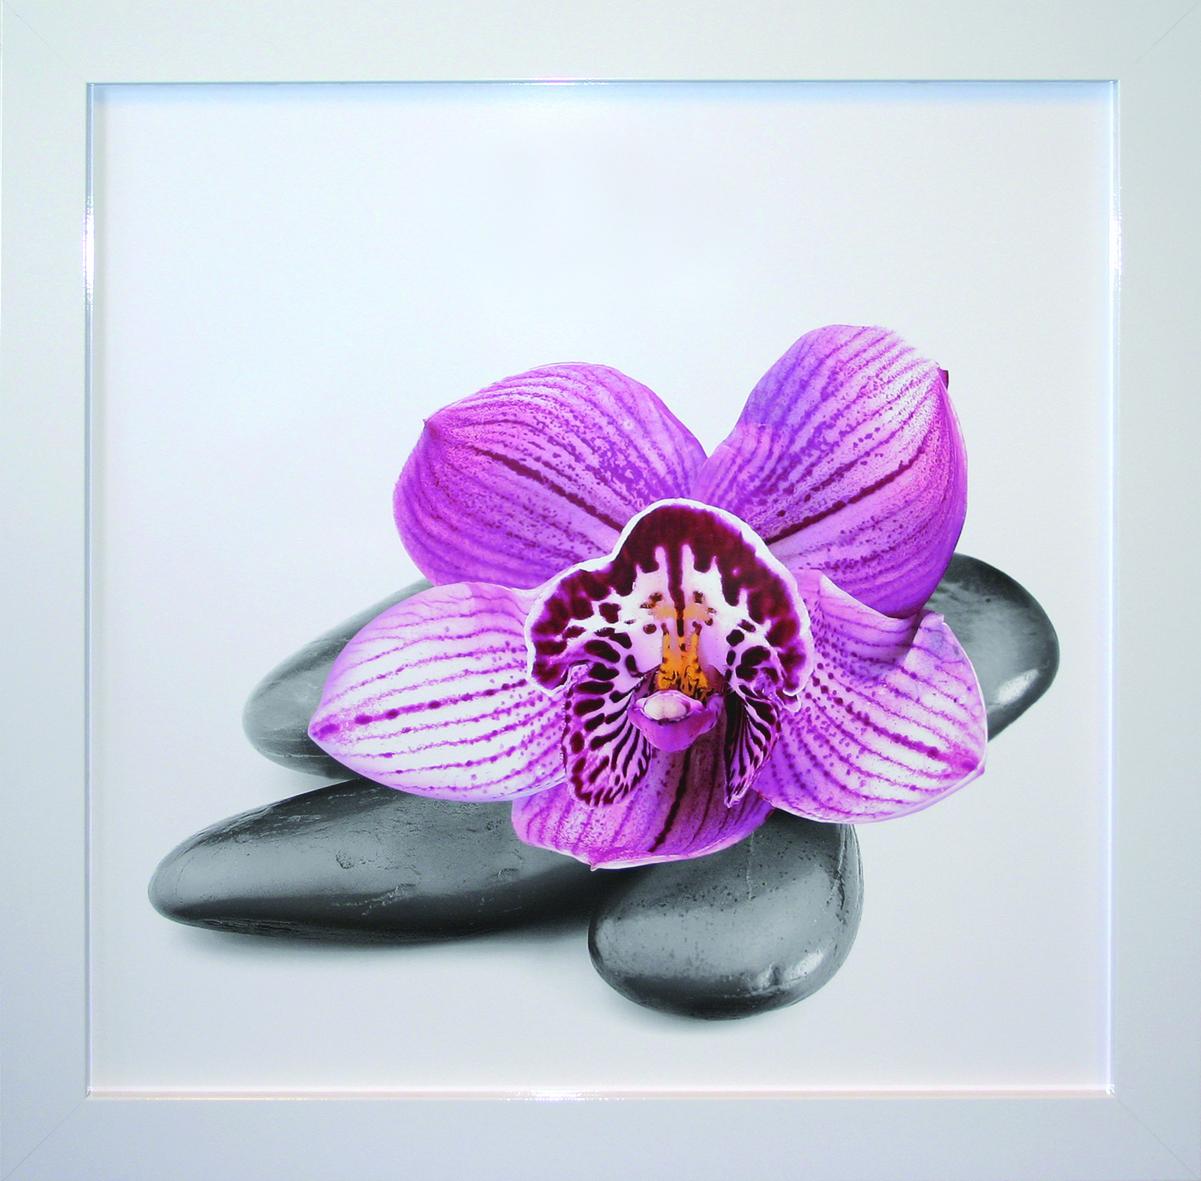 Kunstdruck gerahmt wohnzimmer bild wandbild bilder mit rahmen orchidee natur neu ebay - Wohnzimmer bilder mit rahmen ...